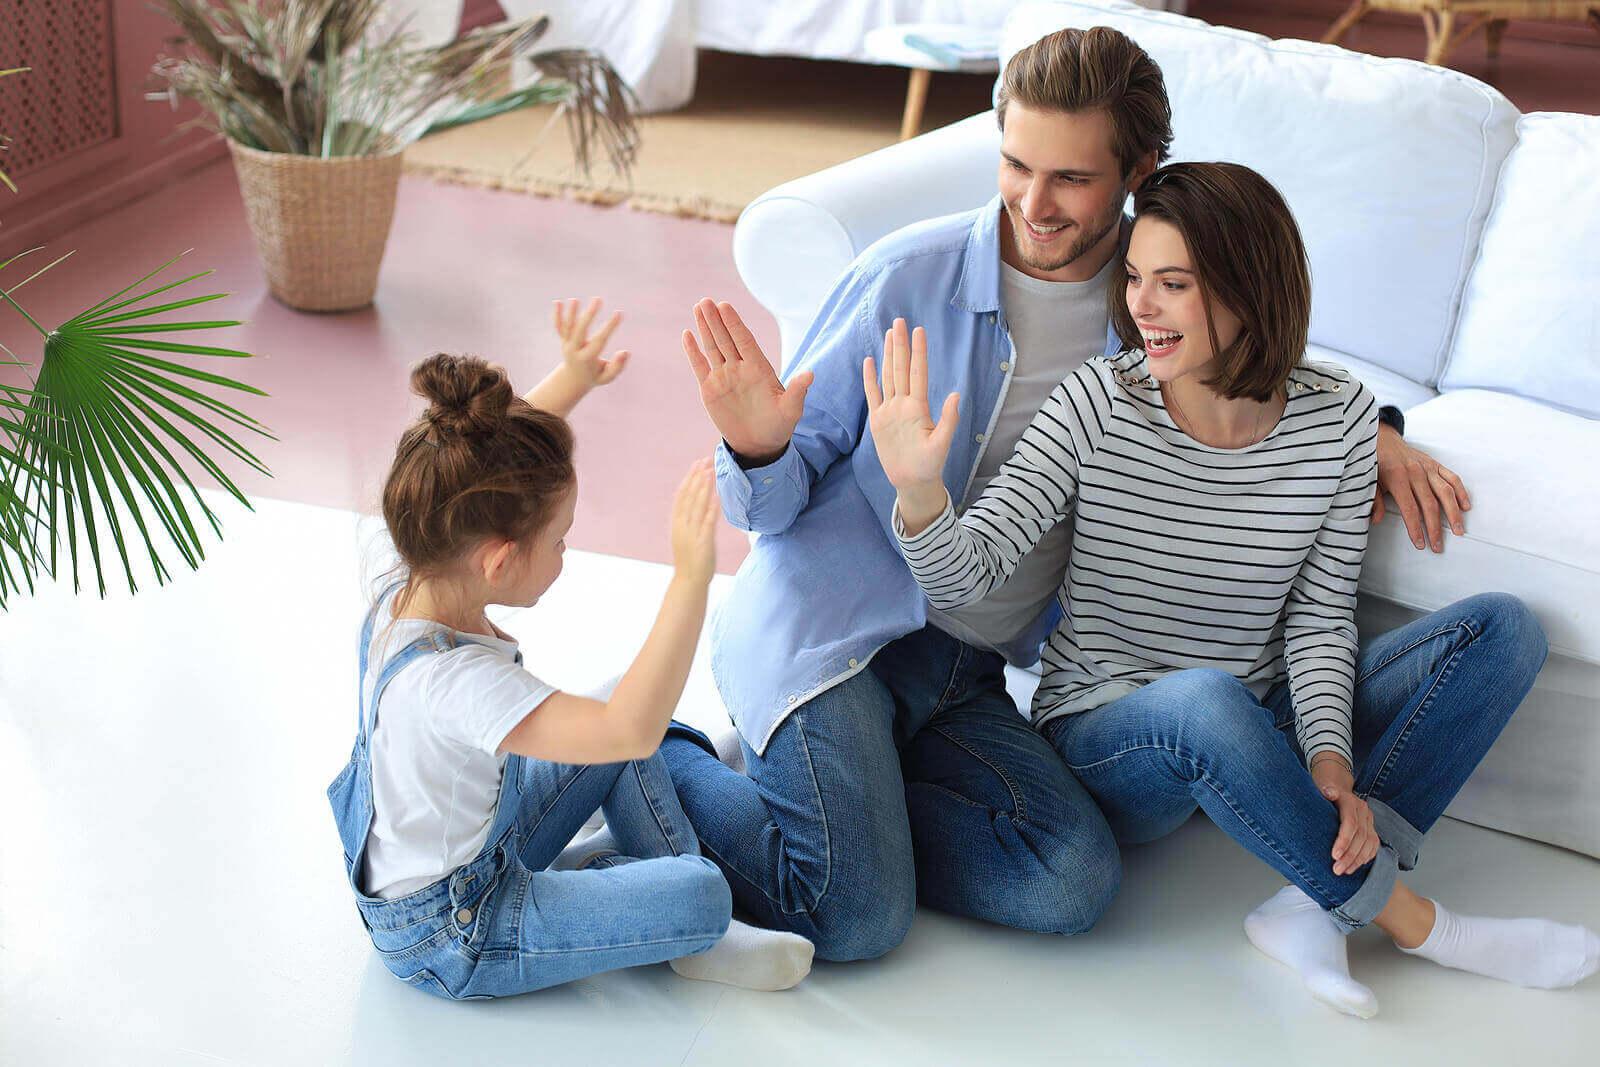 Miksi vanhempien on tärkeää tehdä yhteistyötä lapsen kasvatuksessa?